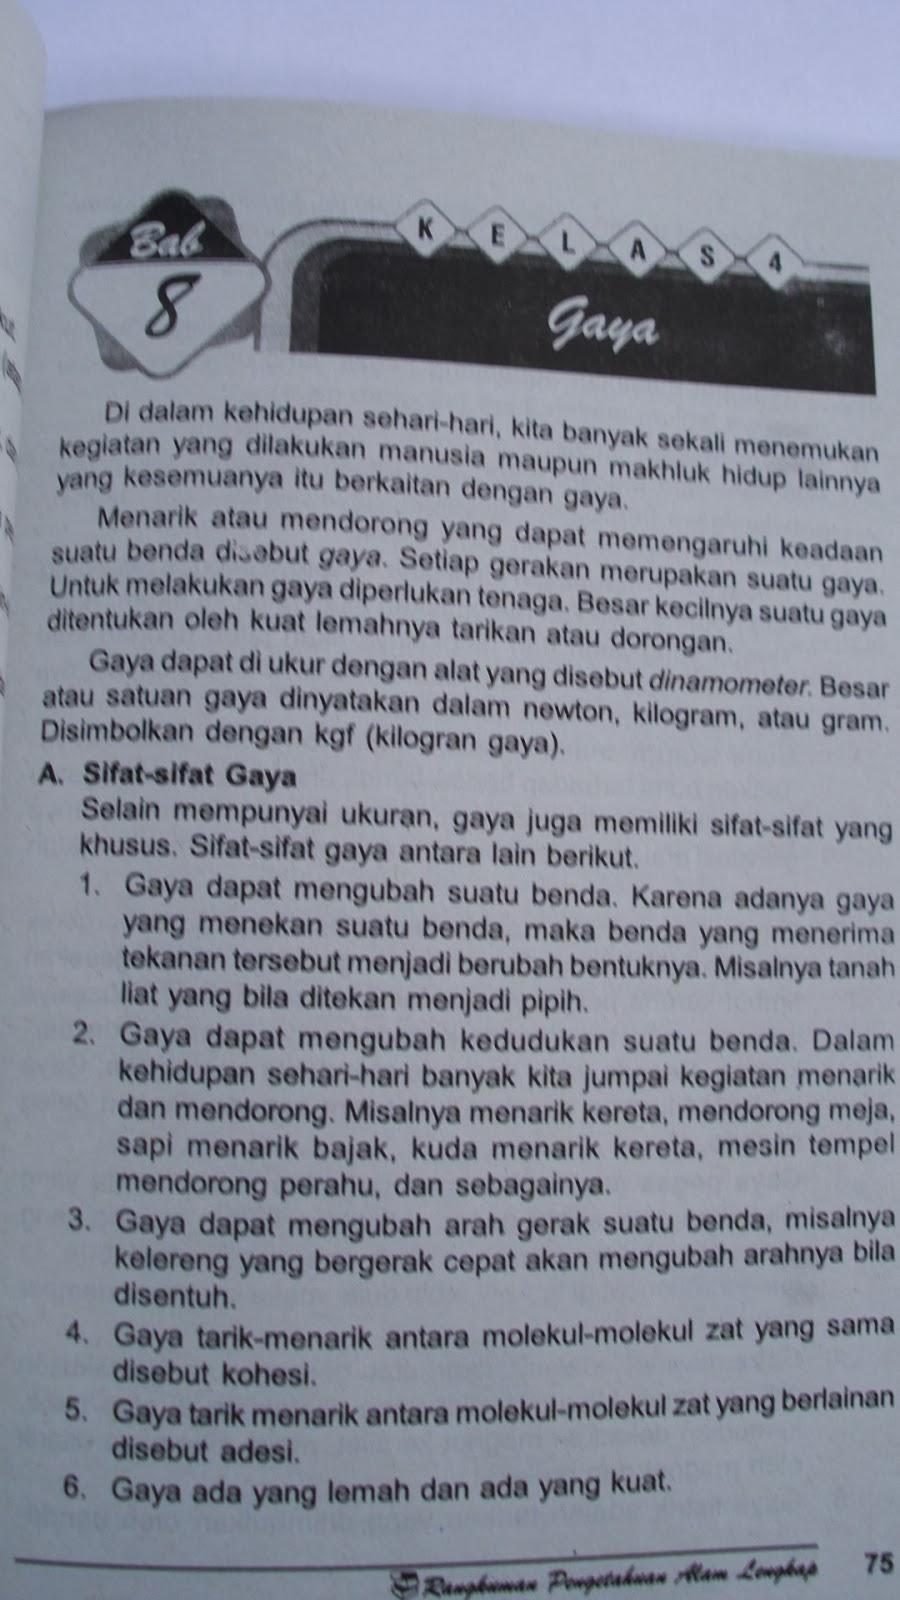 Buku Murah Grosir Cv Sufijaya Semarang Diskon Nego Oktober 2013